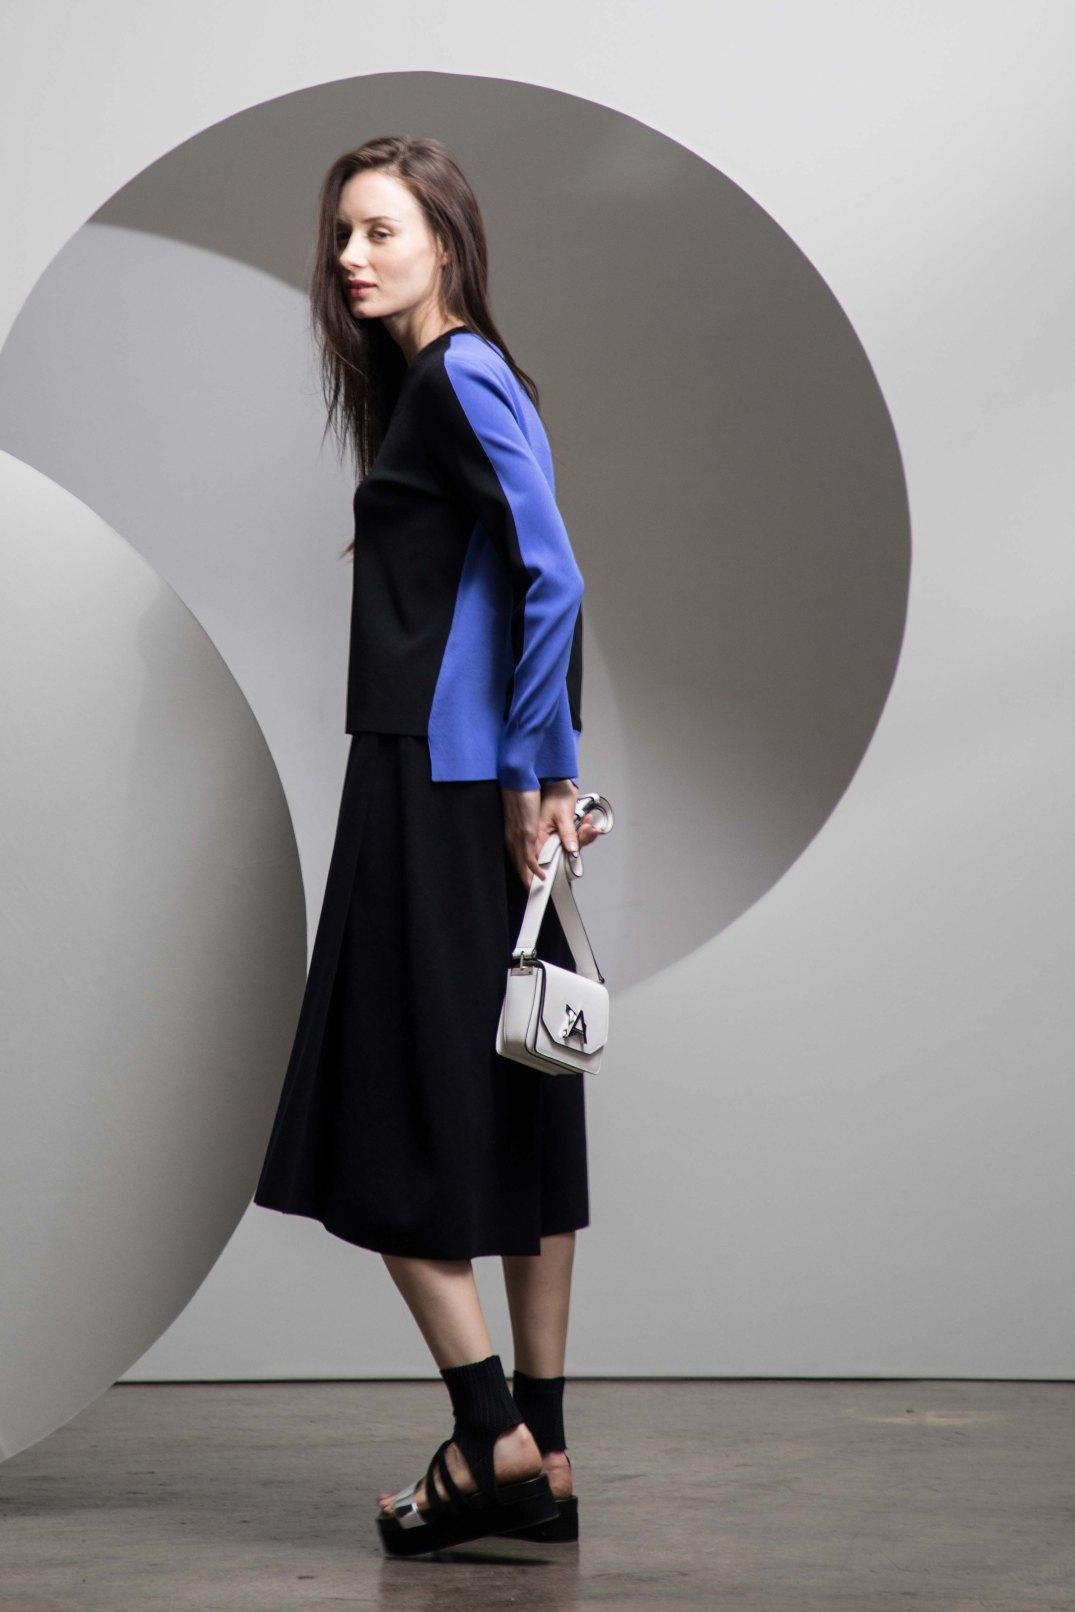 時裝服裝攝影 fashion Photography_